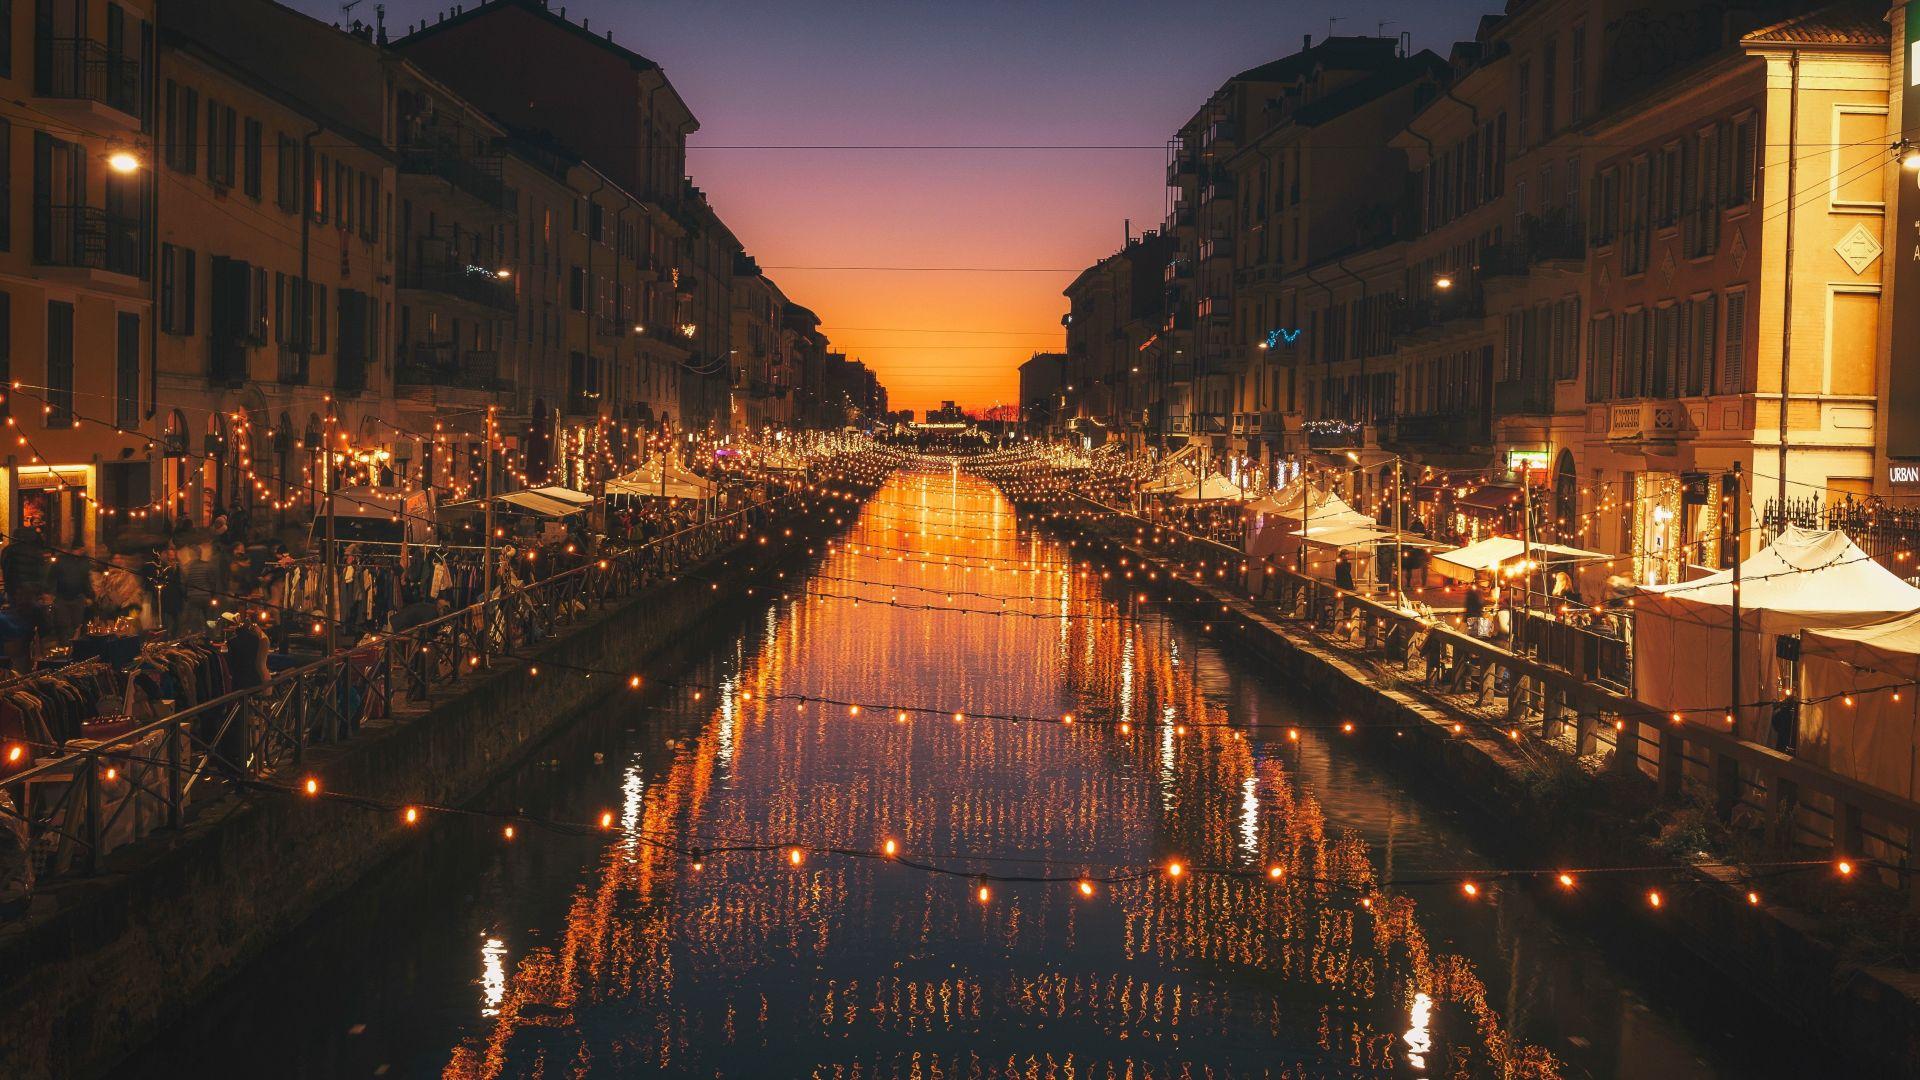 Desktop Wallpaper Milan City River Night Lights